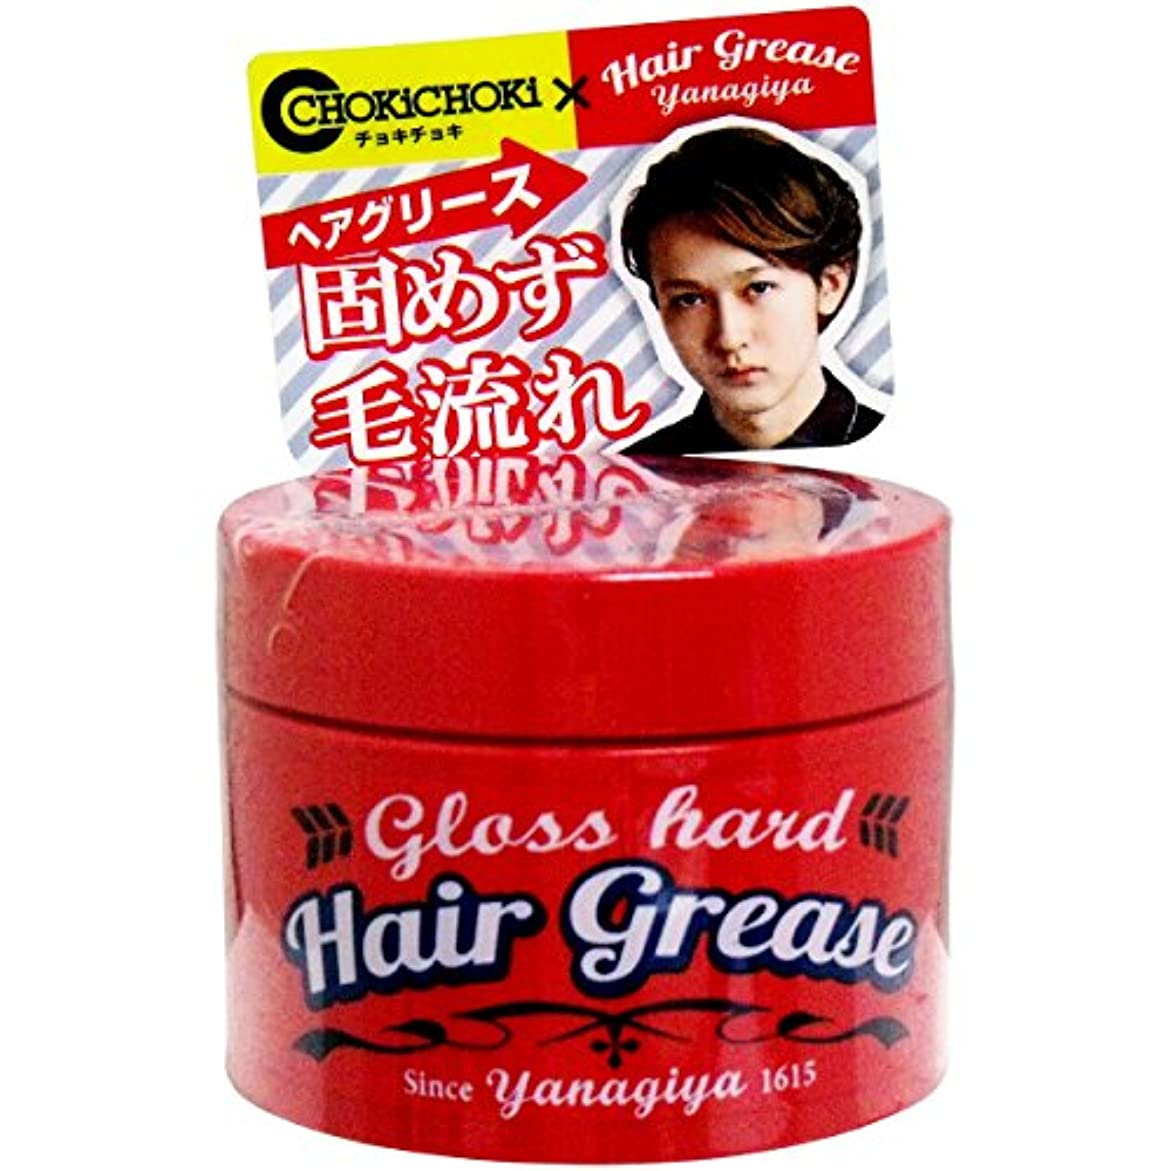 猫背統合トリッキーヘアワックス 固めず毛流れ 使いやすい YANAGIYA ヘアグリース グロスハード 90g入【4個セット】